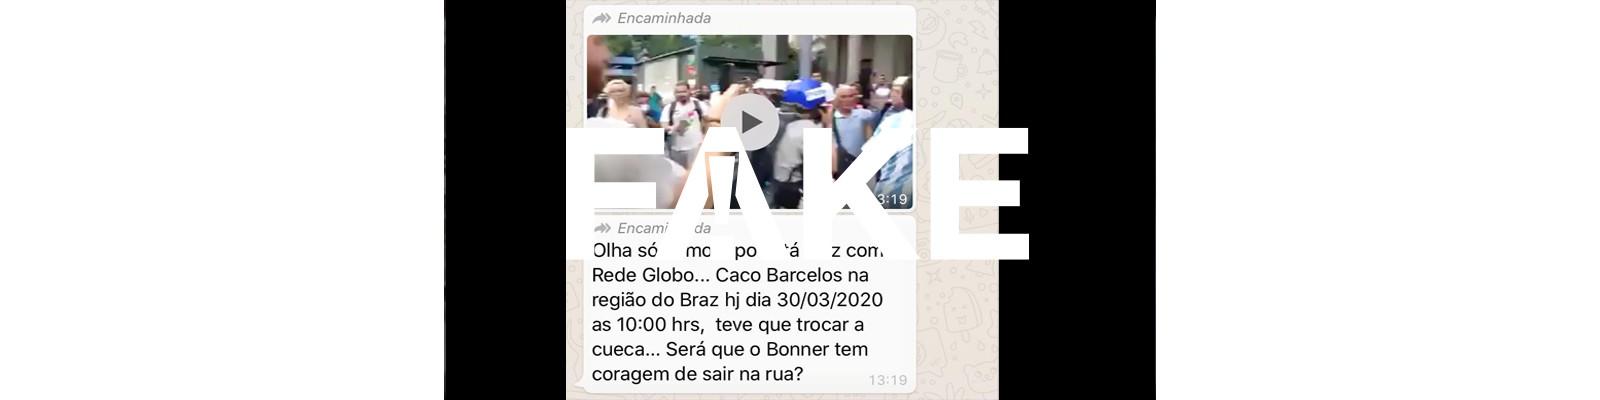 É #FAKE que Caco Barcellos foi agredido na região do Brás durante a pandemia do coronavírus